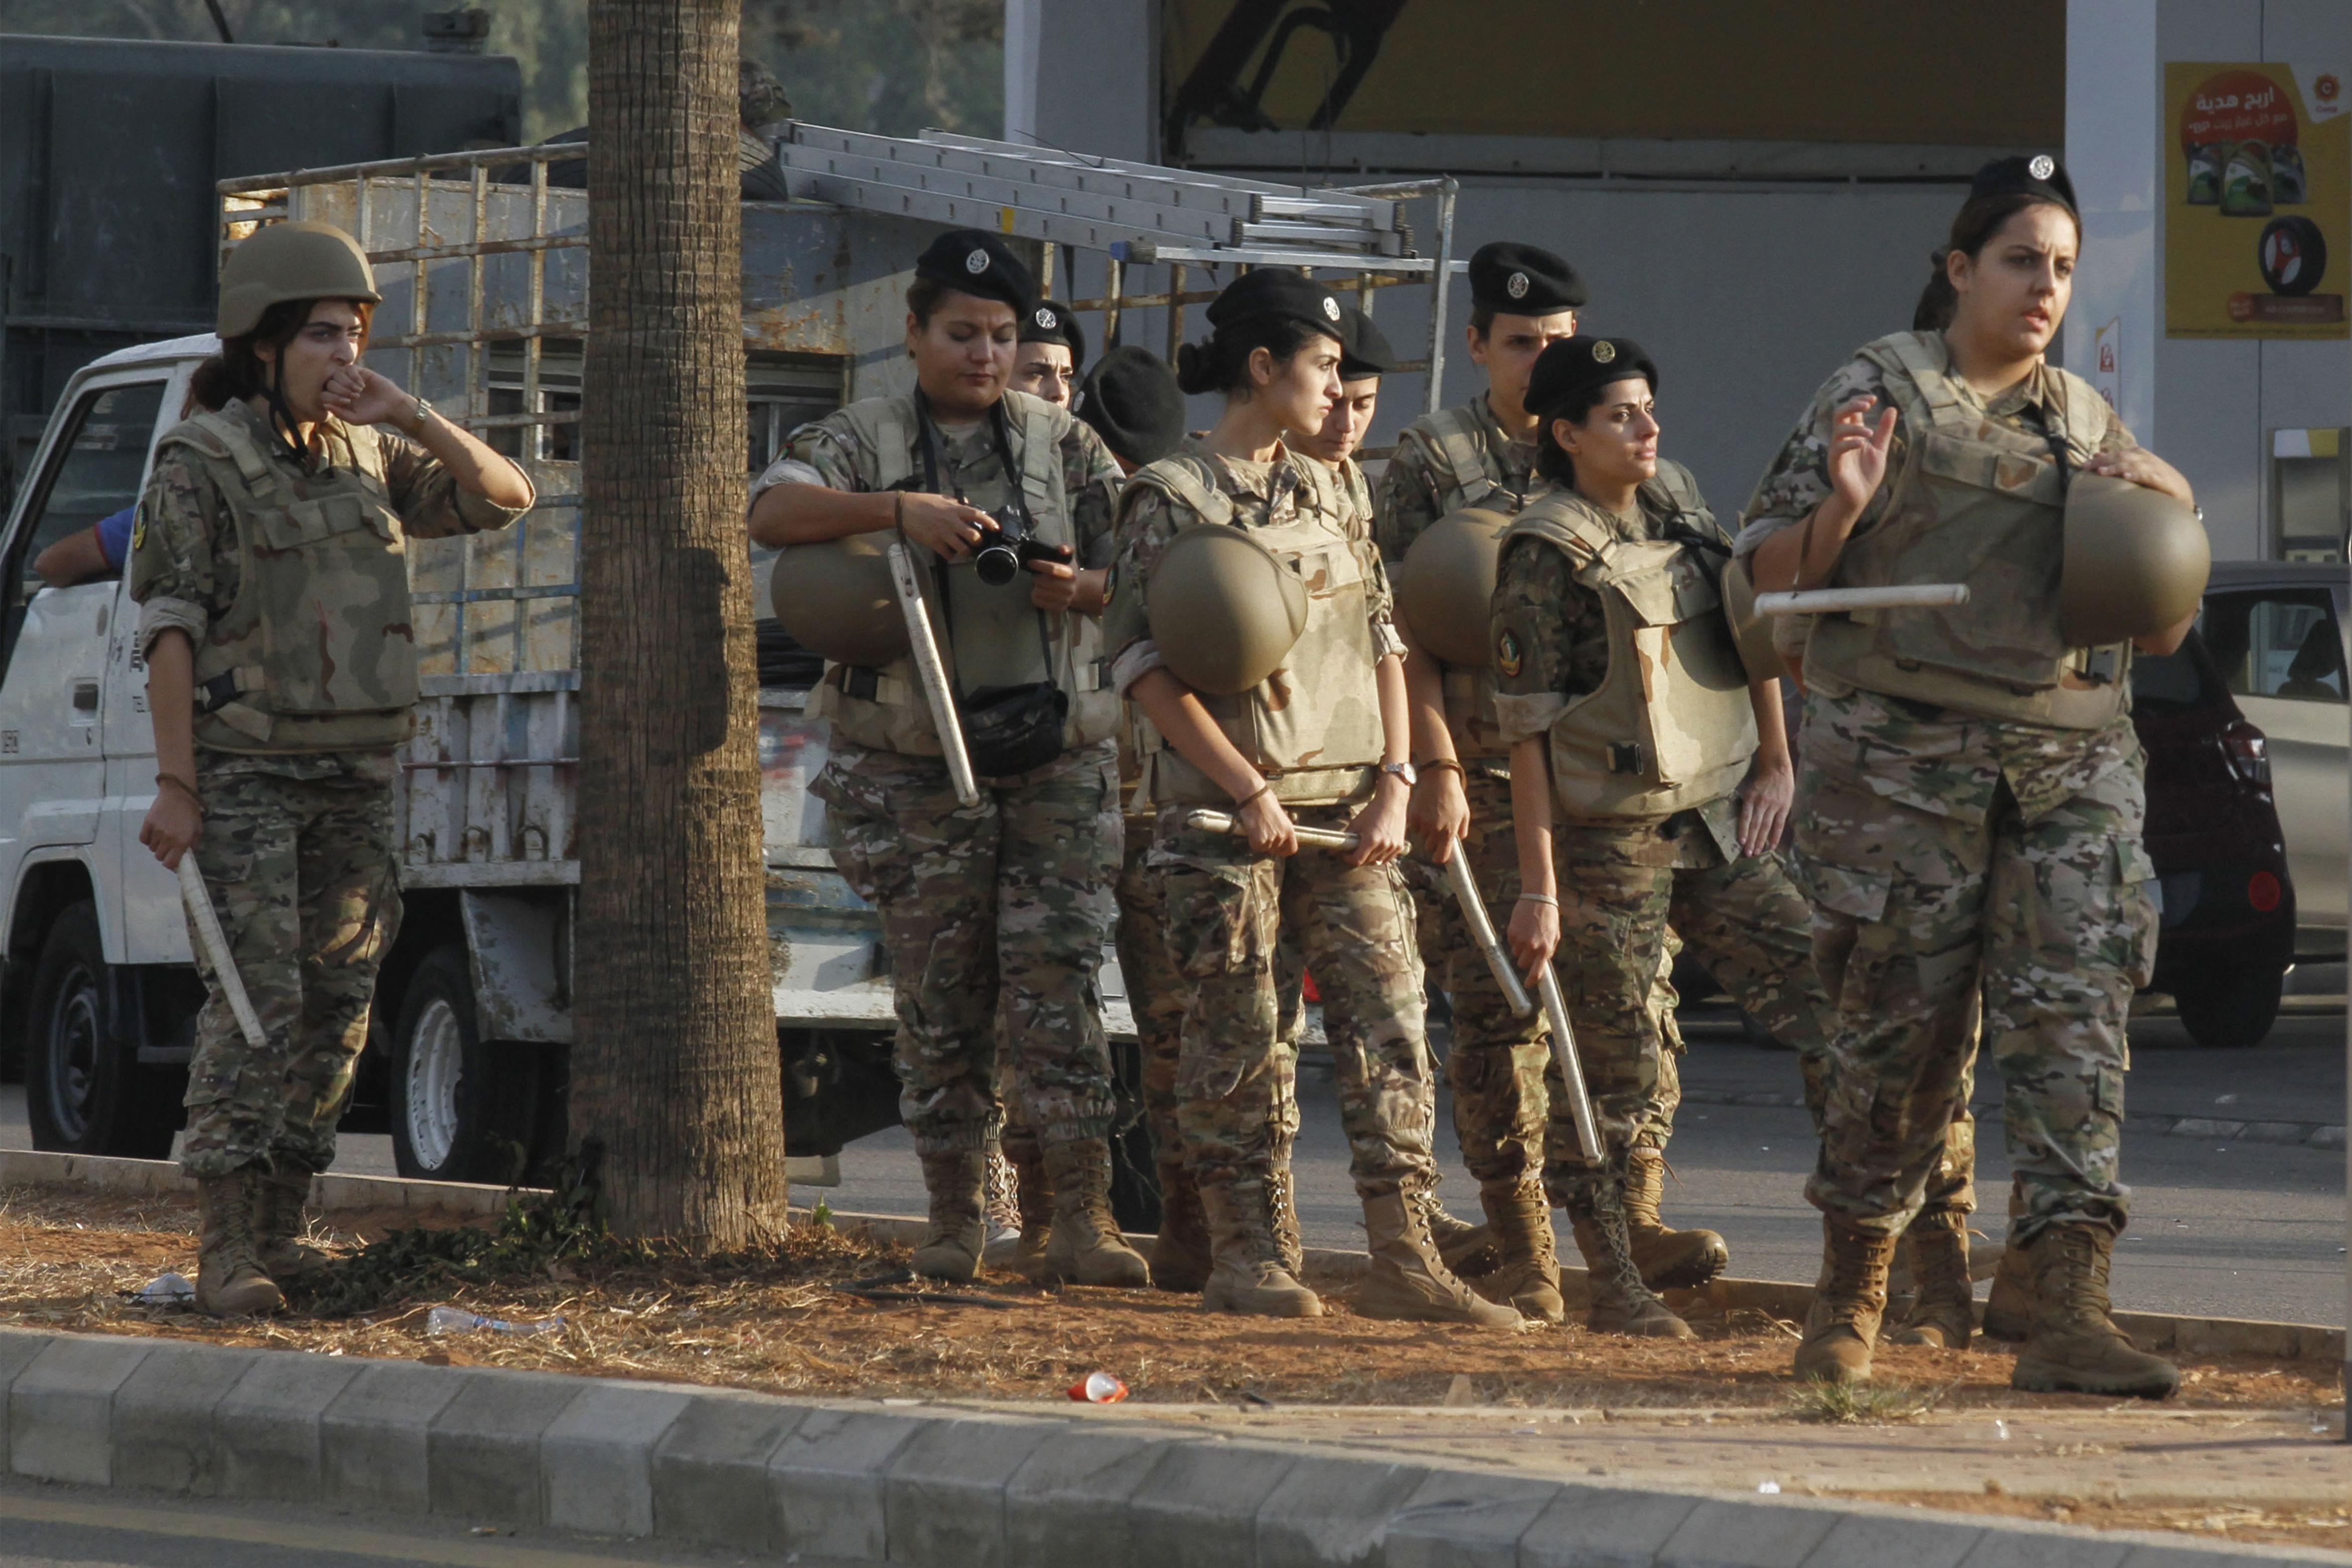 عناصر من الجيش اللبناني خلال محاولة فتح طريق في صيدا